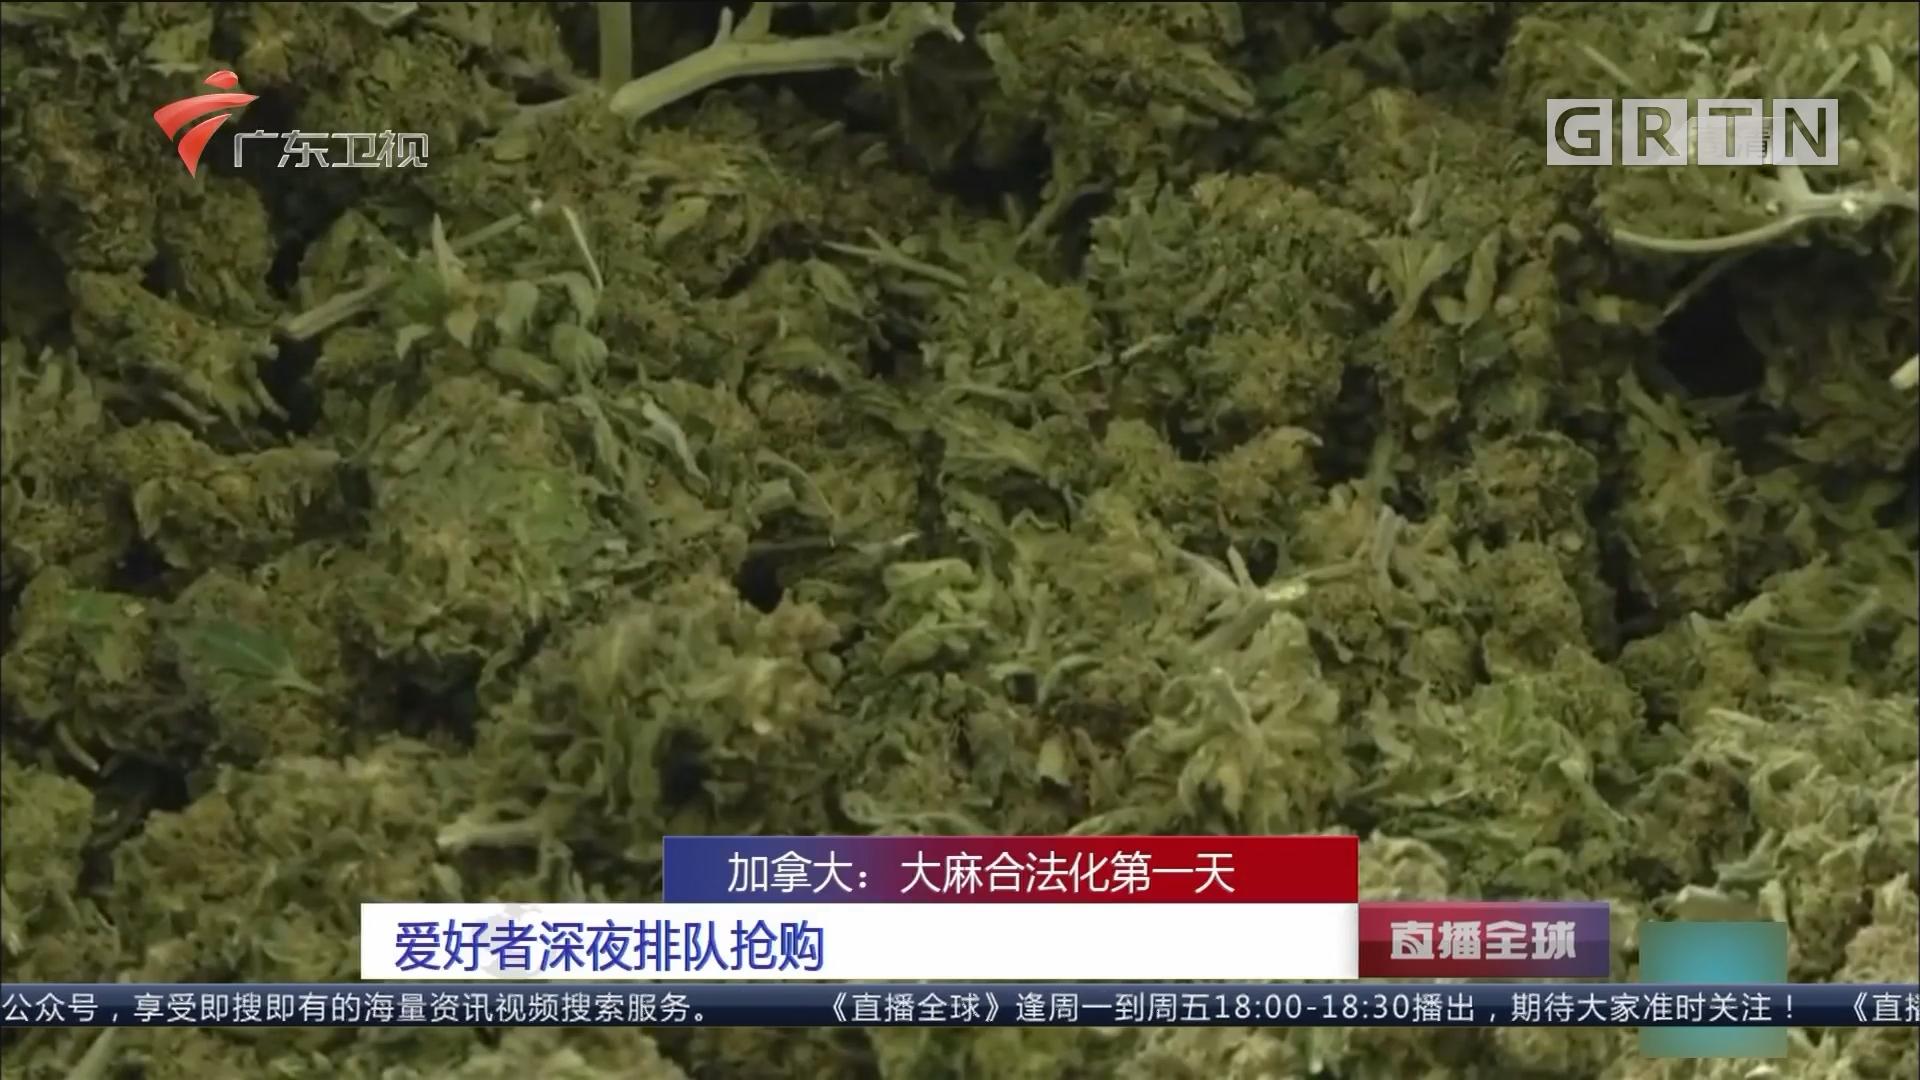 加拿大:大麻合法化第一天 爱好者深夜排队抢购